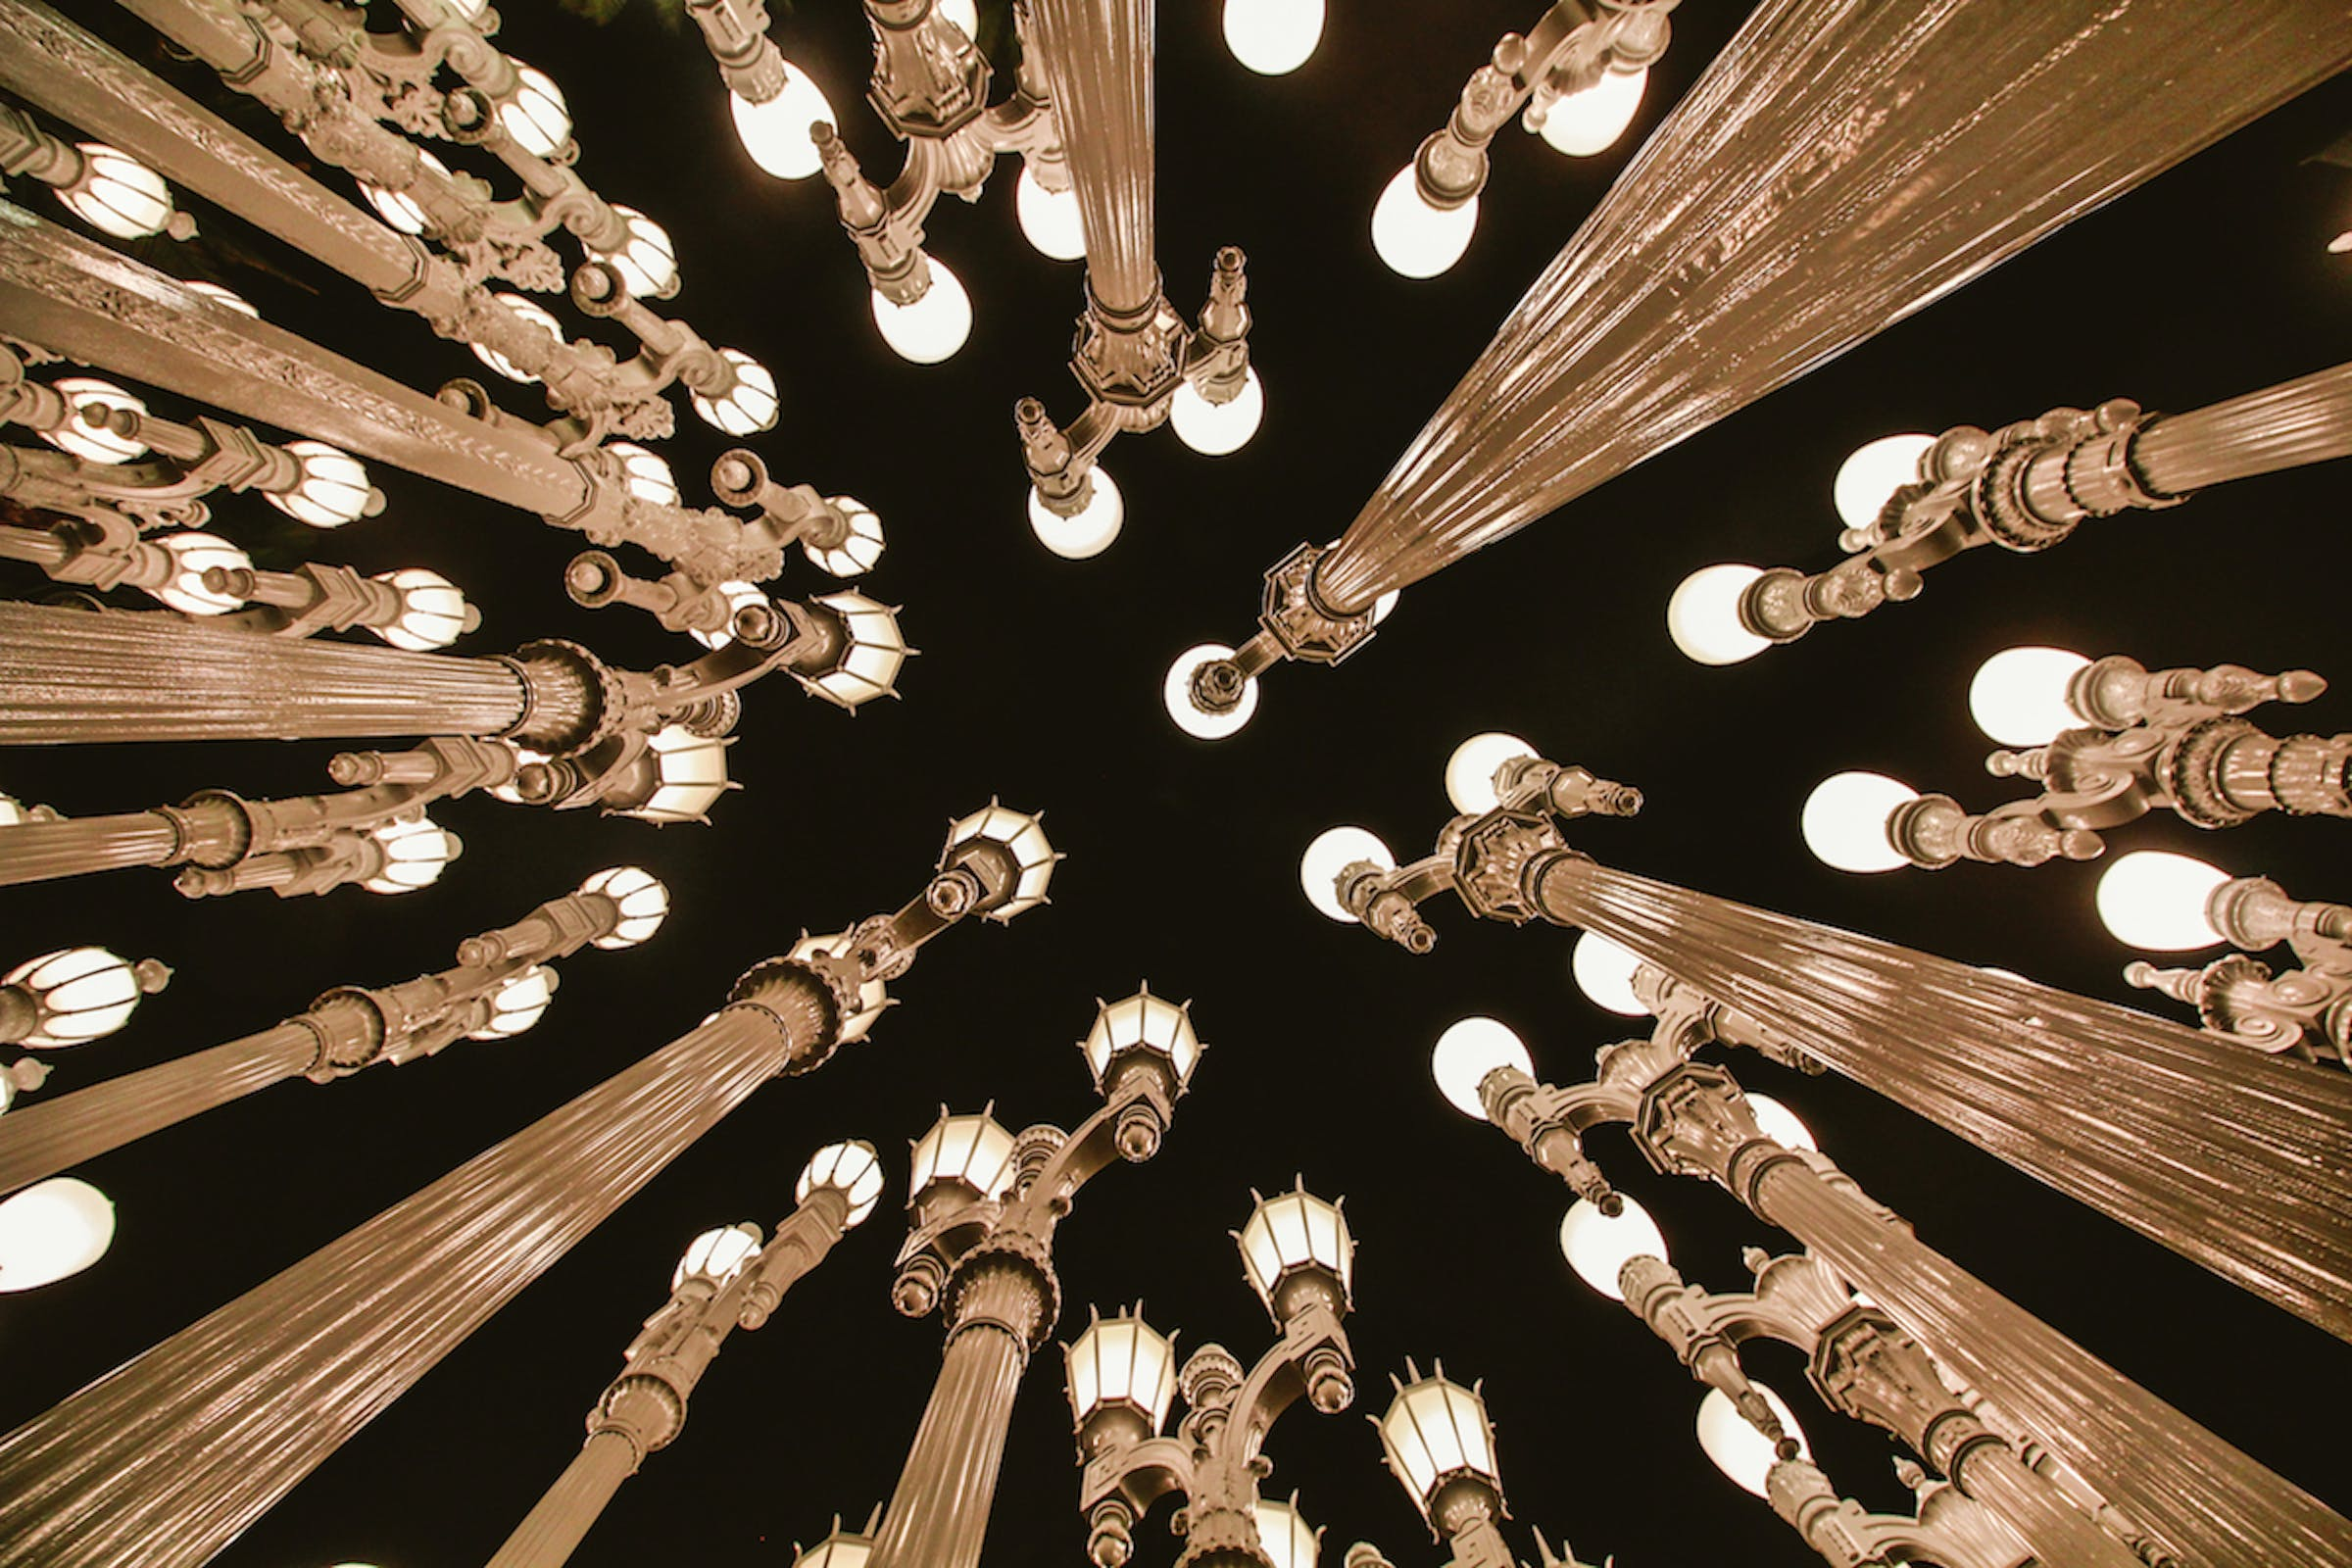 Kostenloses Stock Foto zu abstrakt, antik, aufnahme von unten, beleuchtung